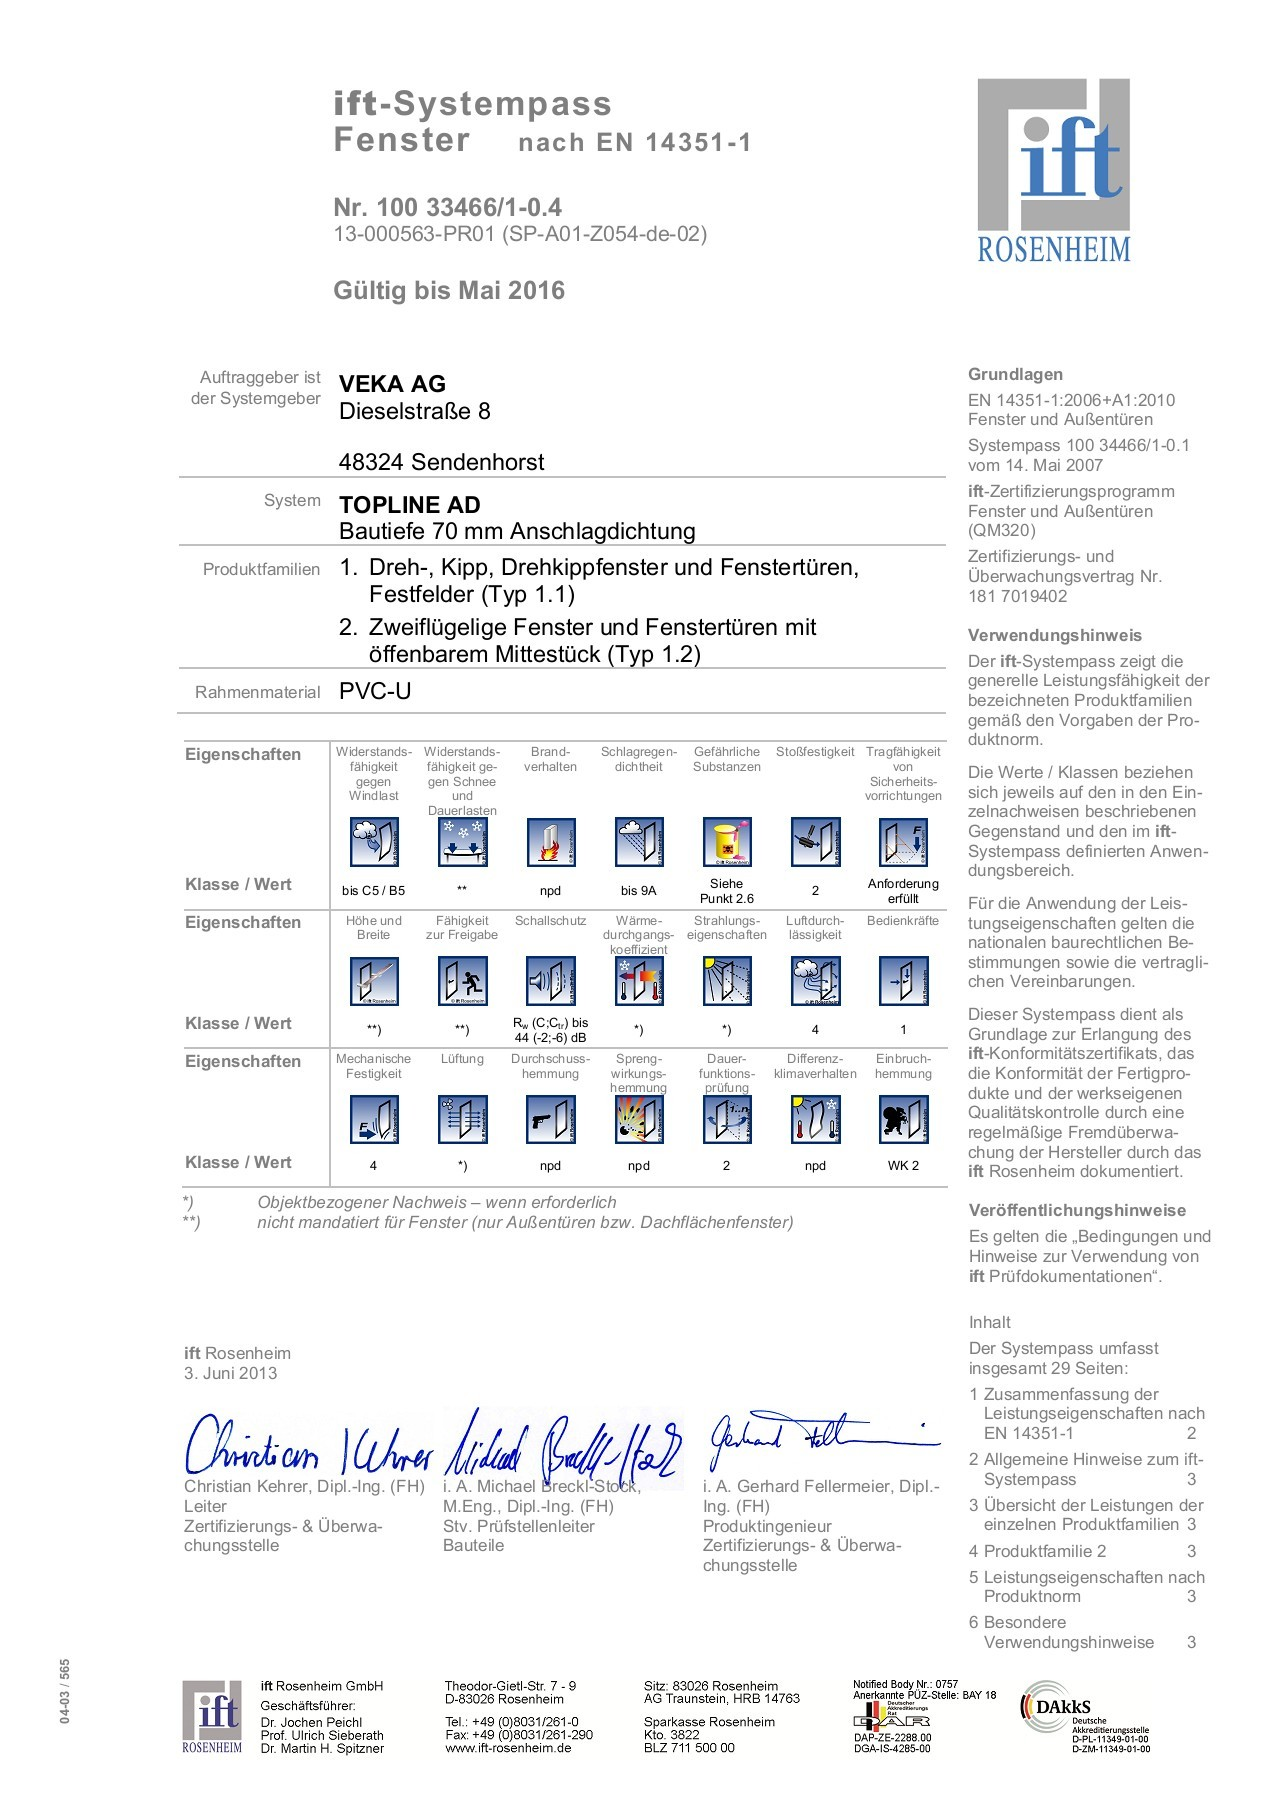 Full Size of Veka Fenster Softline 70 Ad Erfahrungen Ift Rosenheim Flip Book Pages 1 29 Kleines Badezimmer Neu Gestalten Bad Kissingen Wellness Altersgerechtes Landhaus Wohnzimmer Veka Fenster Softline 70 Ad Erfahrungen